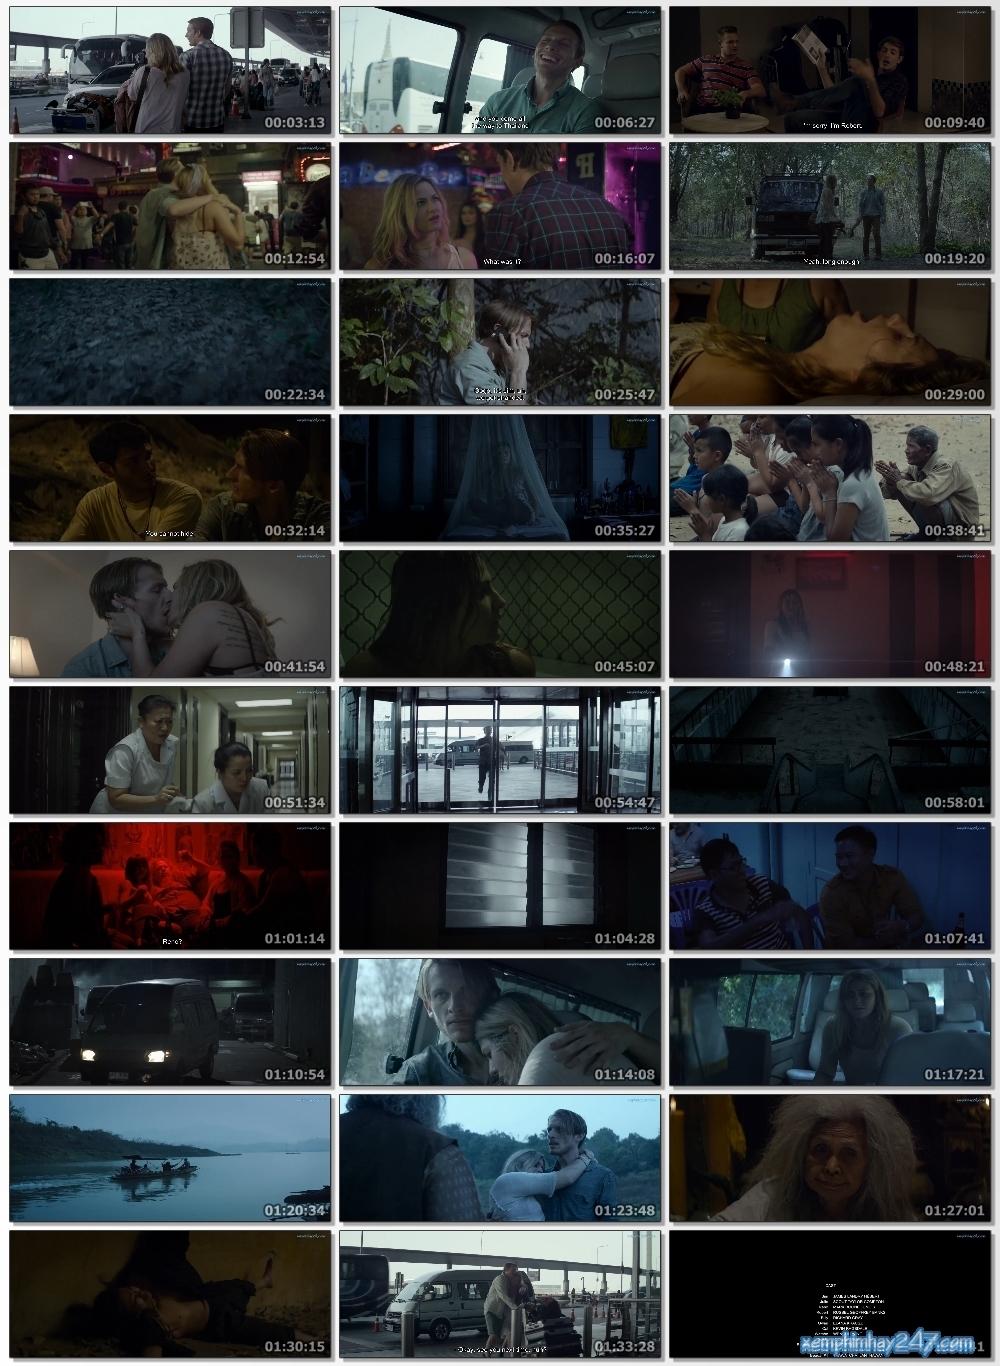 http://xemphimhay247.com - Xem phim hay 247 - Ngôi Nhà Ma Ám (2017) - Ghost House (2017)